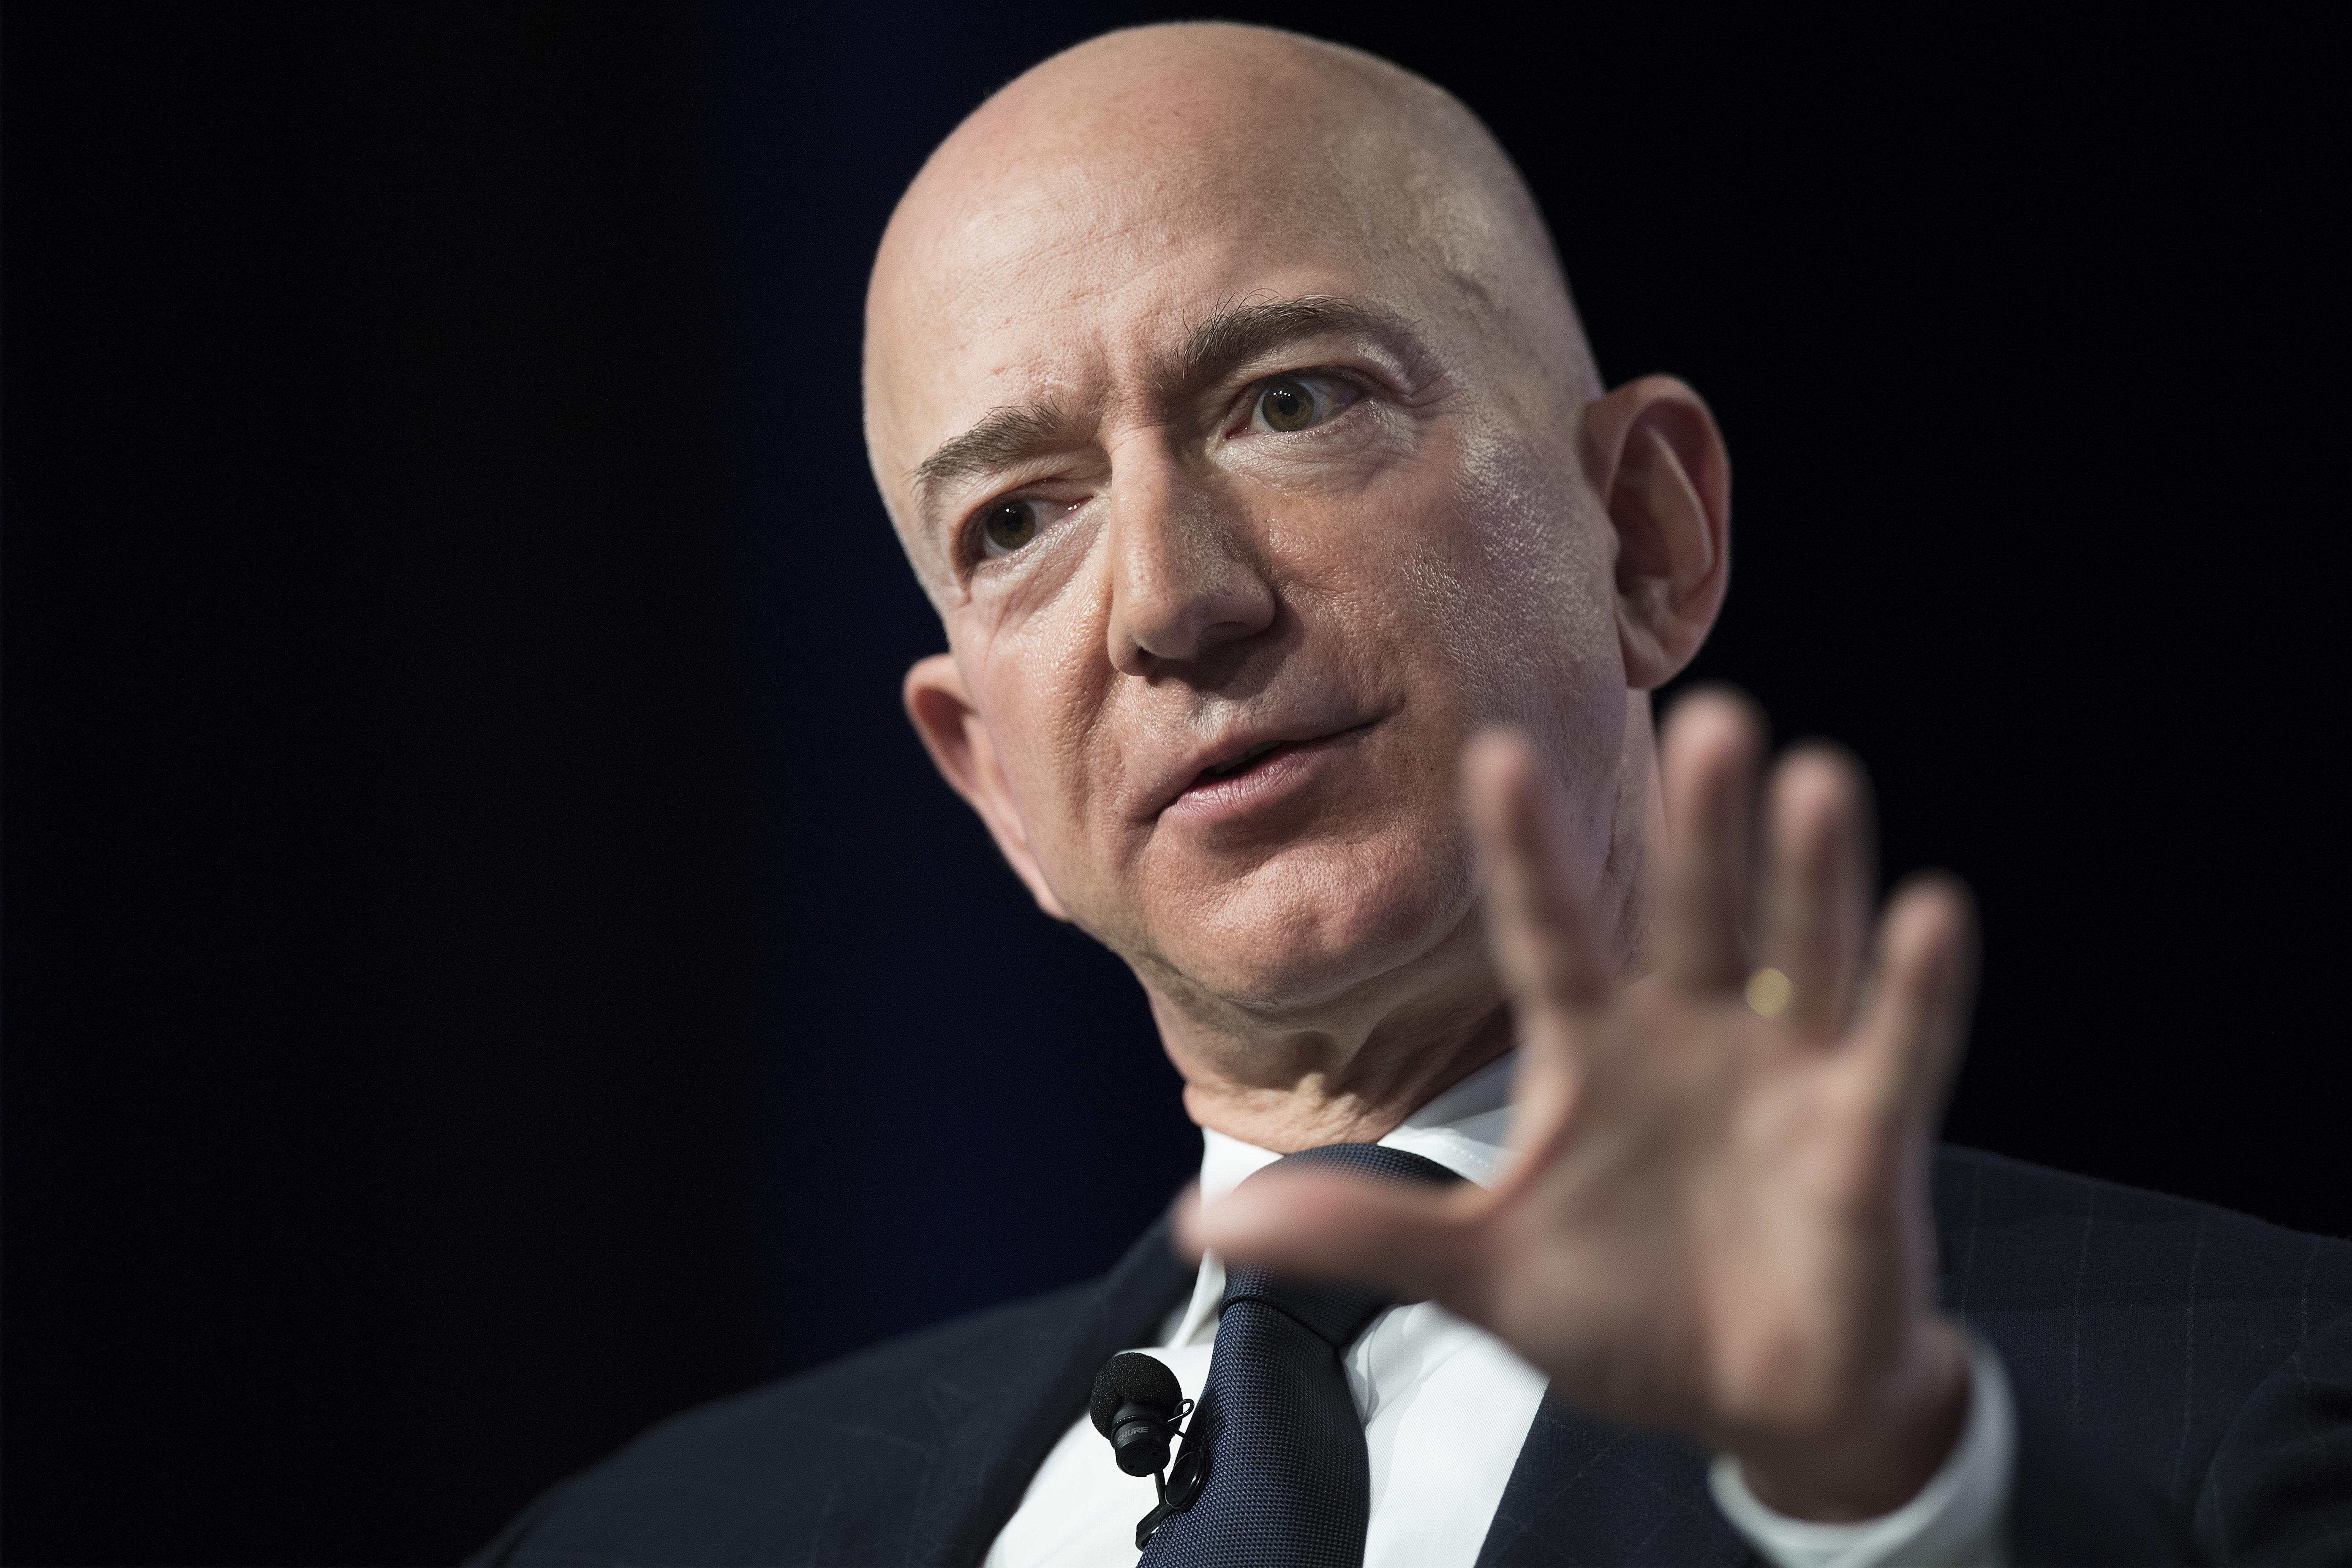 Jeff Bezos megérti, hogy Joe Biden adót emelne, és támogatja a társasági adó emelését